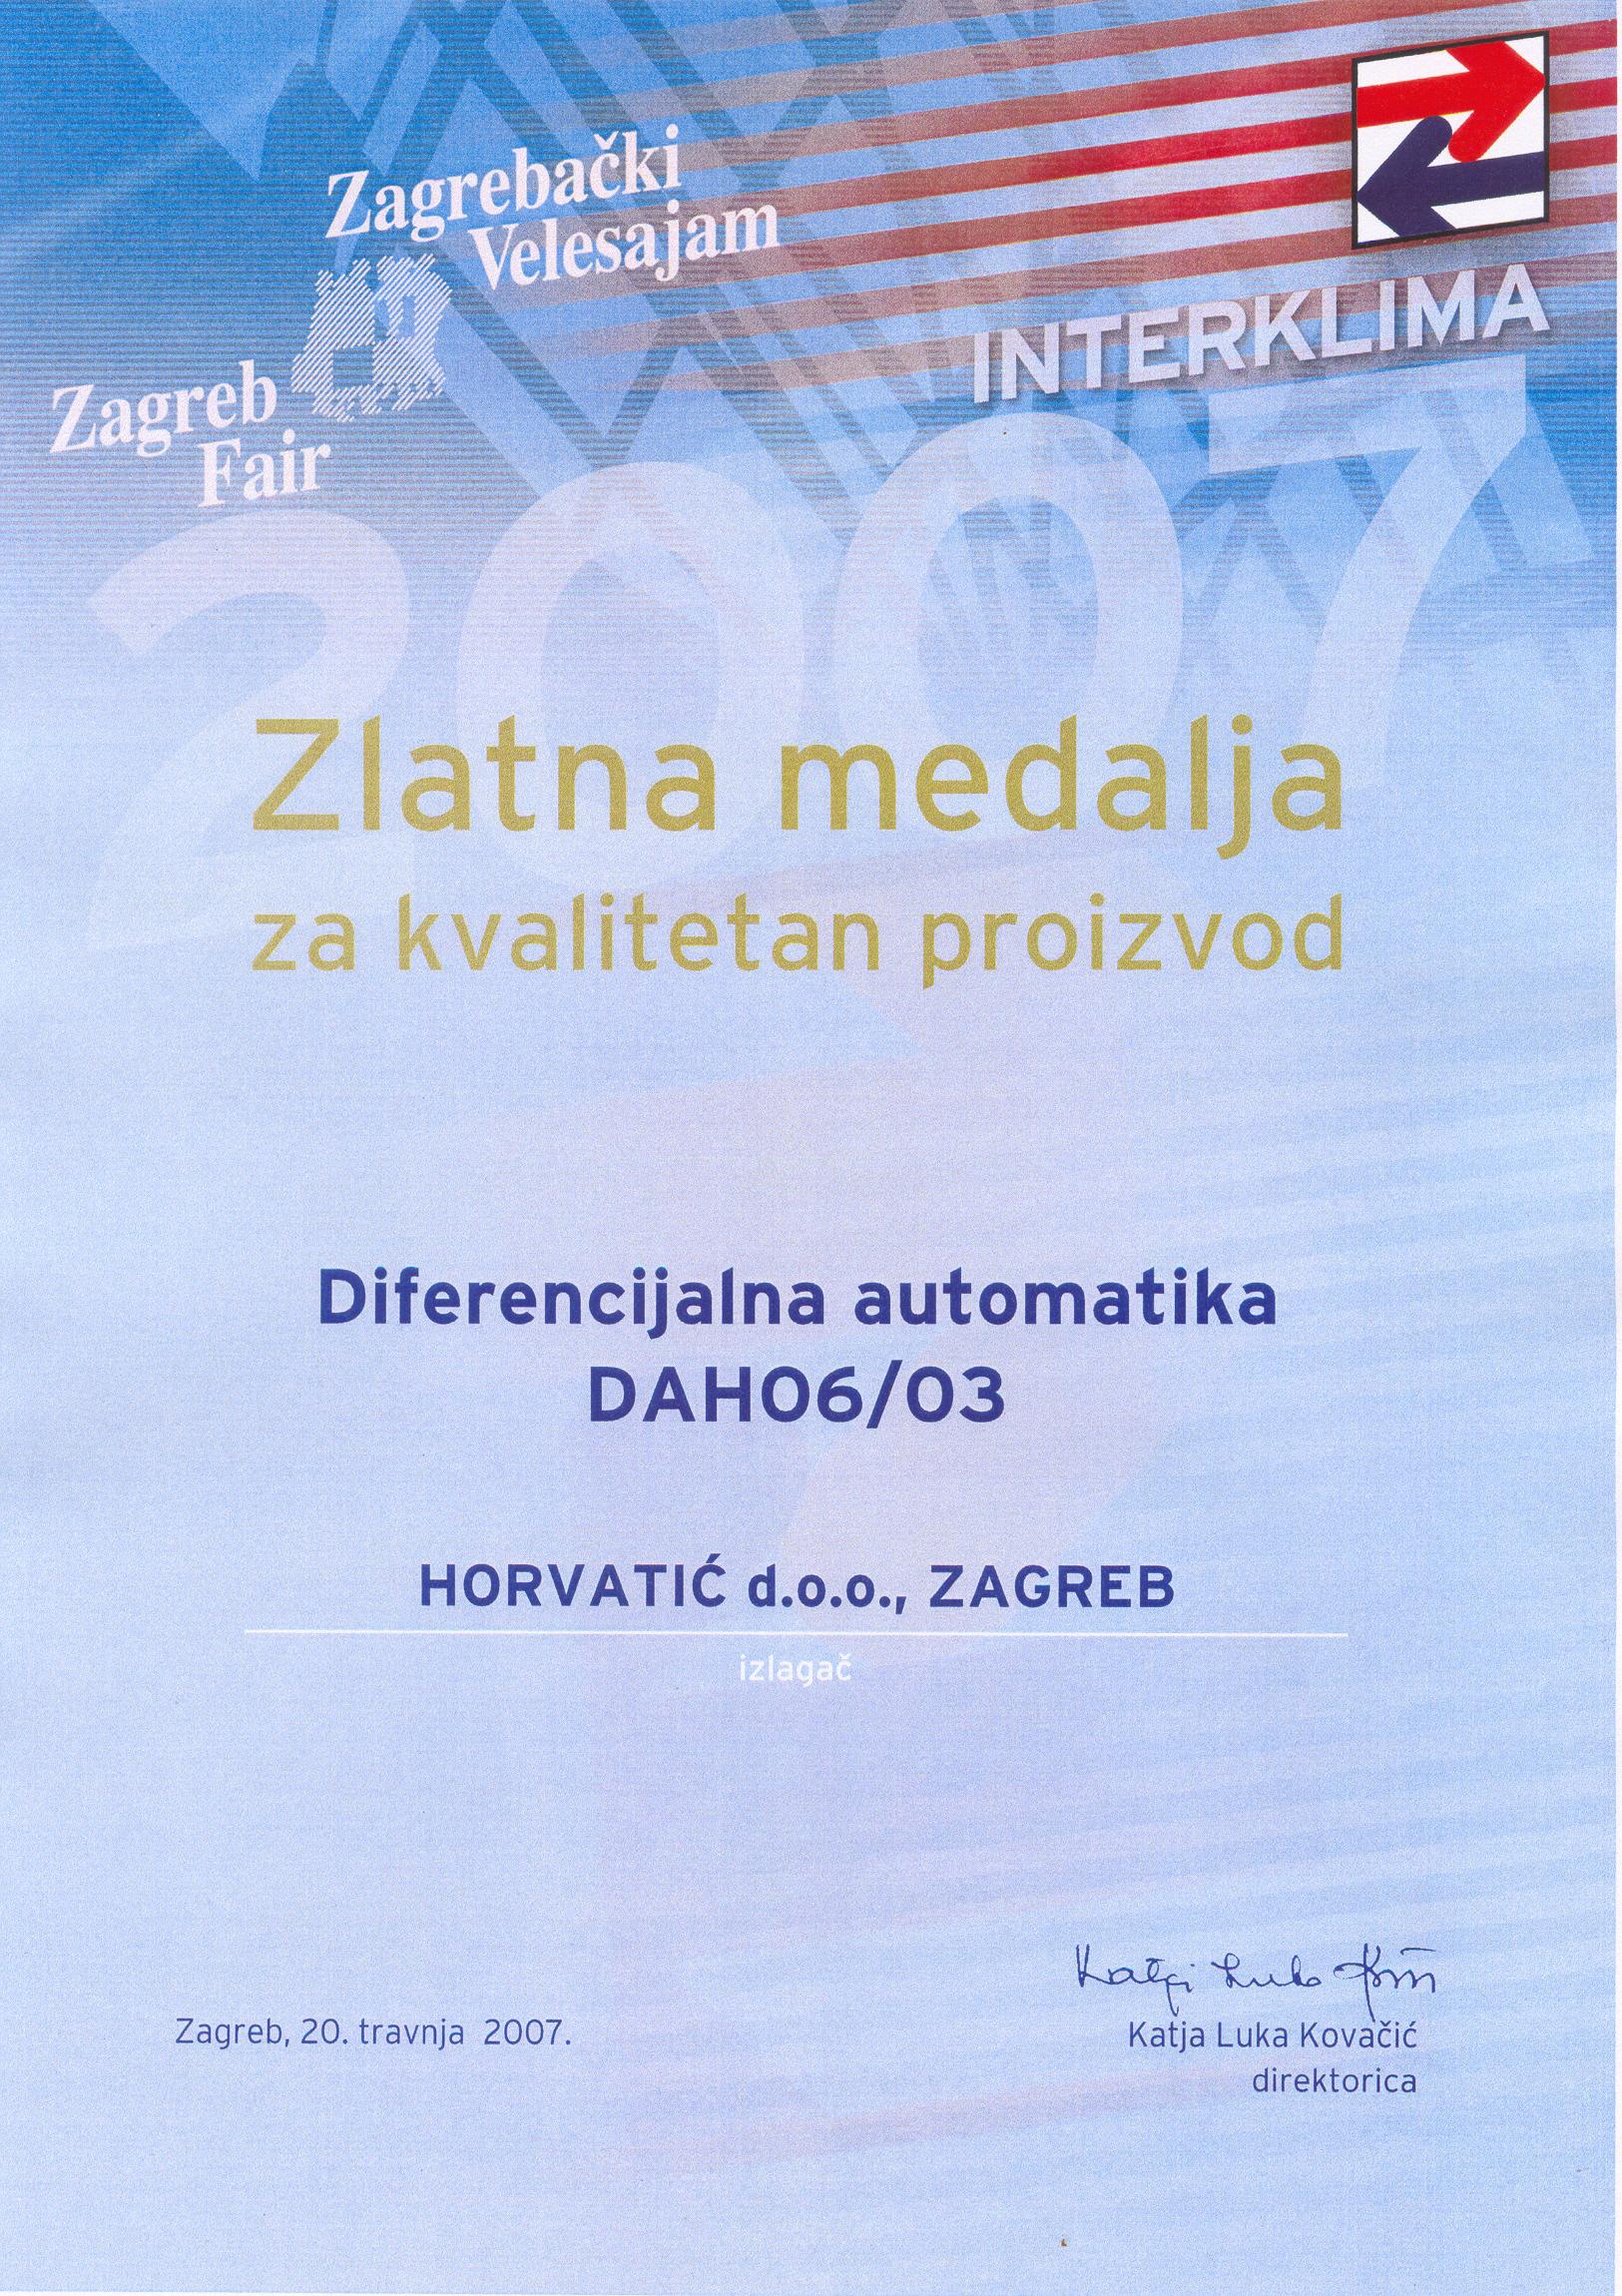 Zlatna medalja na sajmu Interklima 2007. godine.